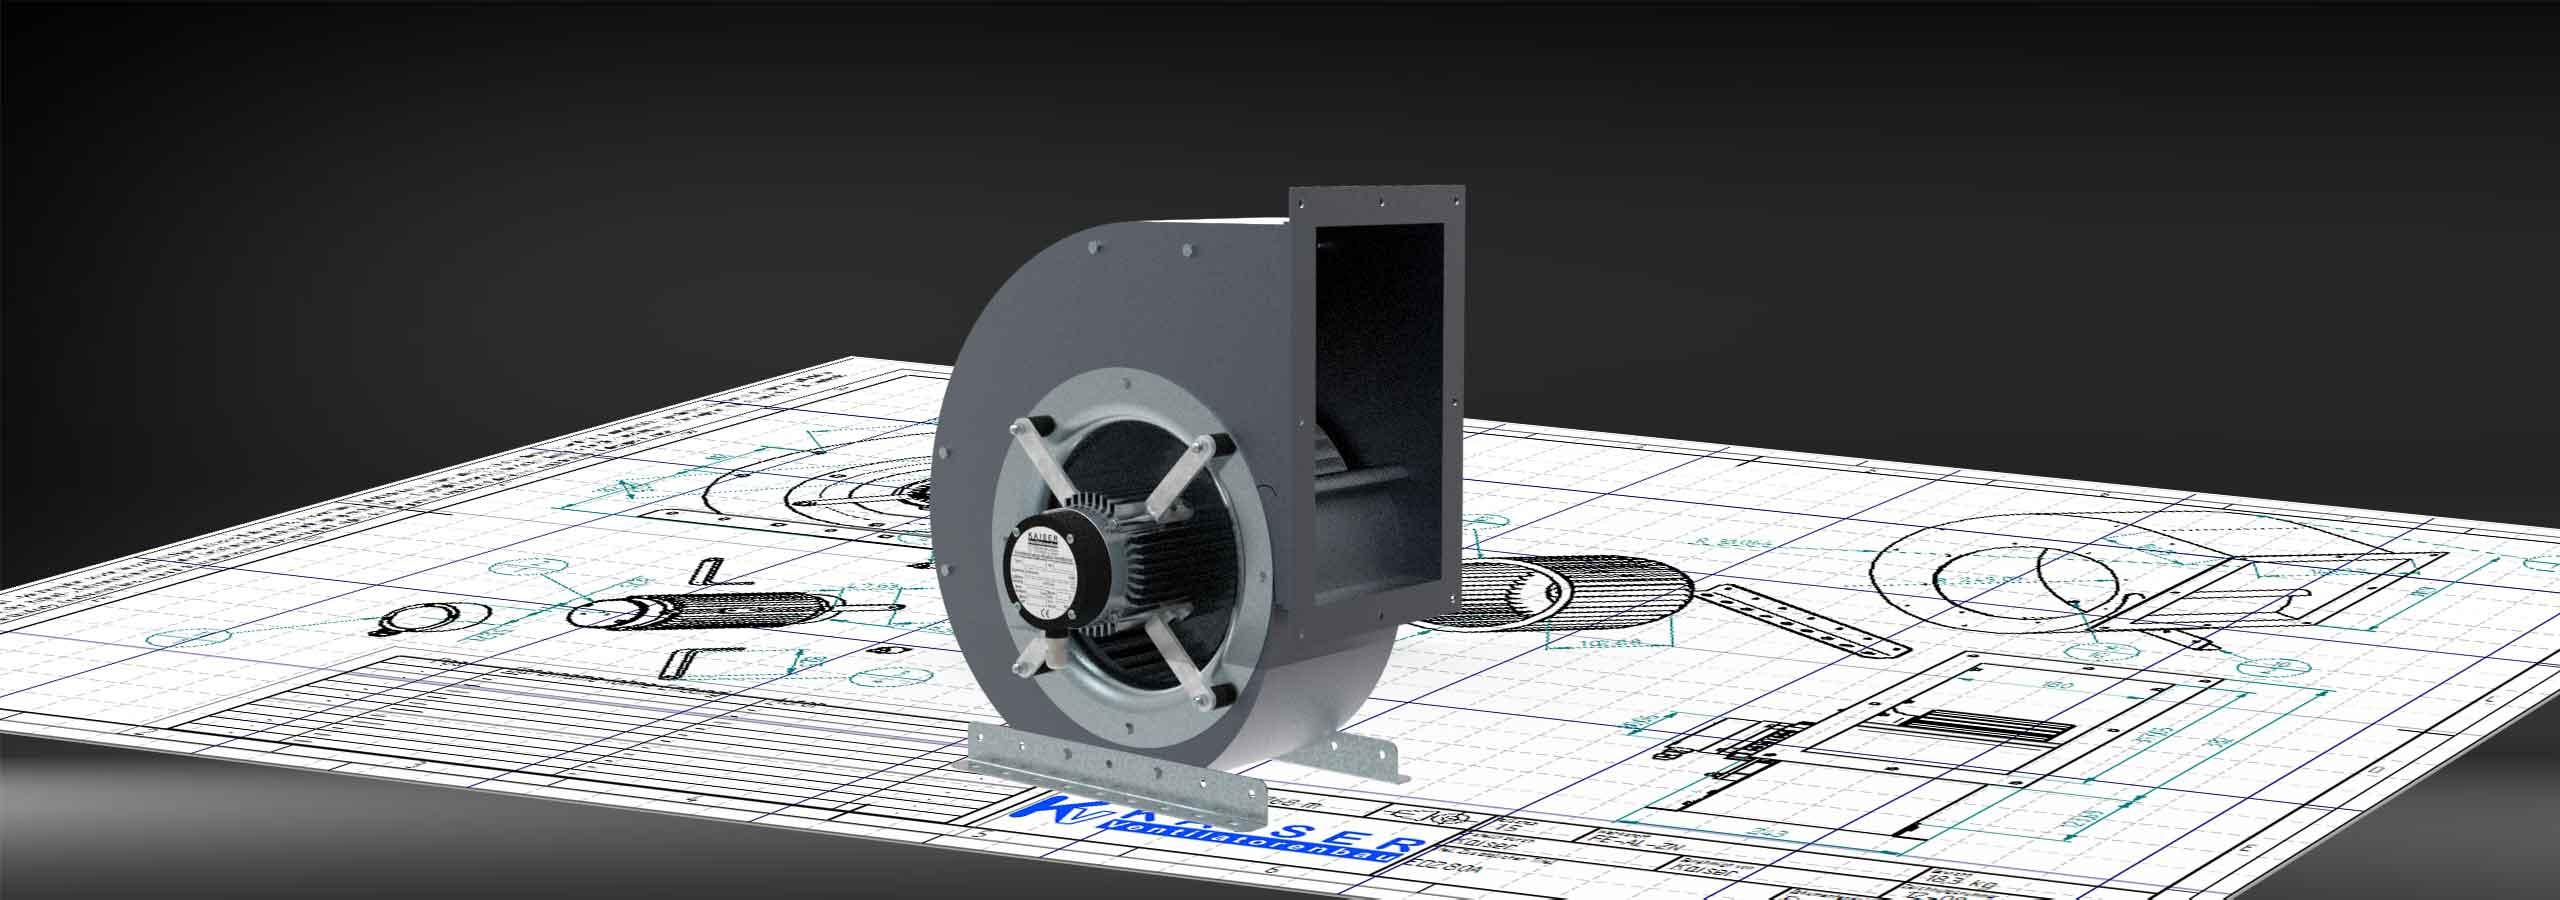 Drehzahlregler Fur Ventilatoren Kaiser Ventilatorenbau